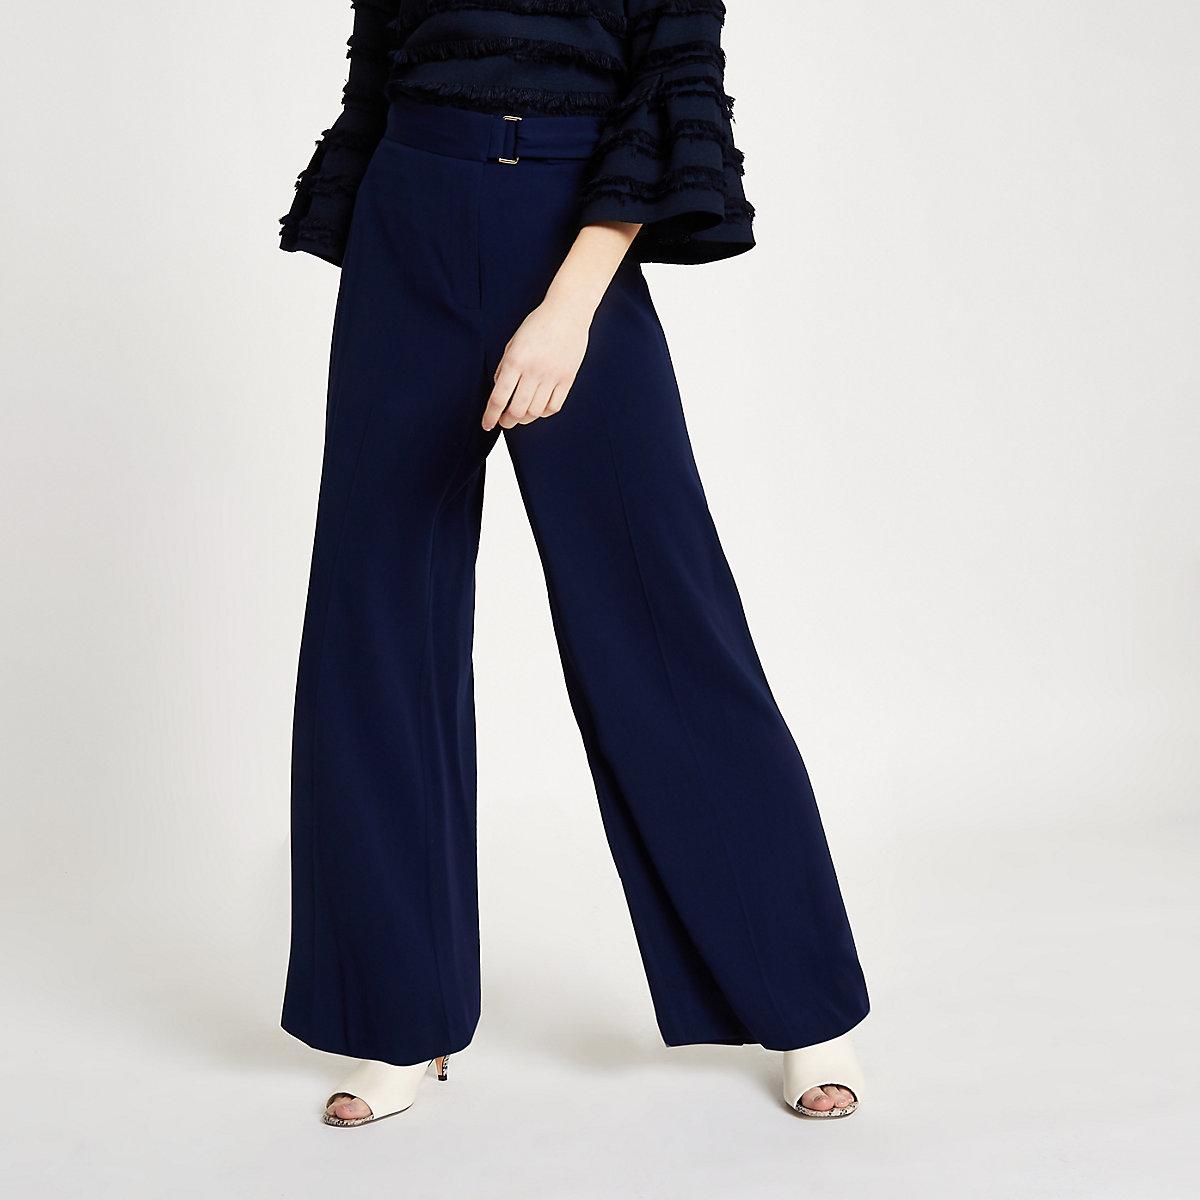 Petite – Pantalon large bleu marine à ceinture - Pantalons larges ... 0d27a2c2df6